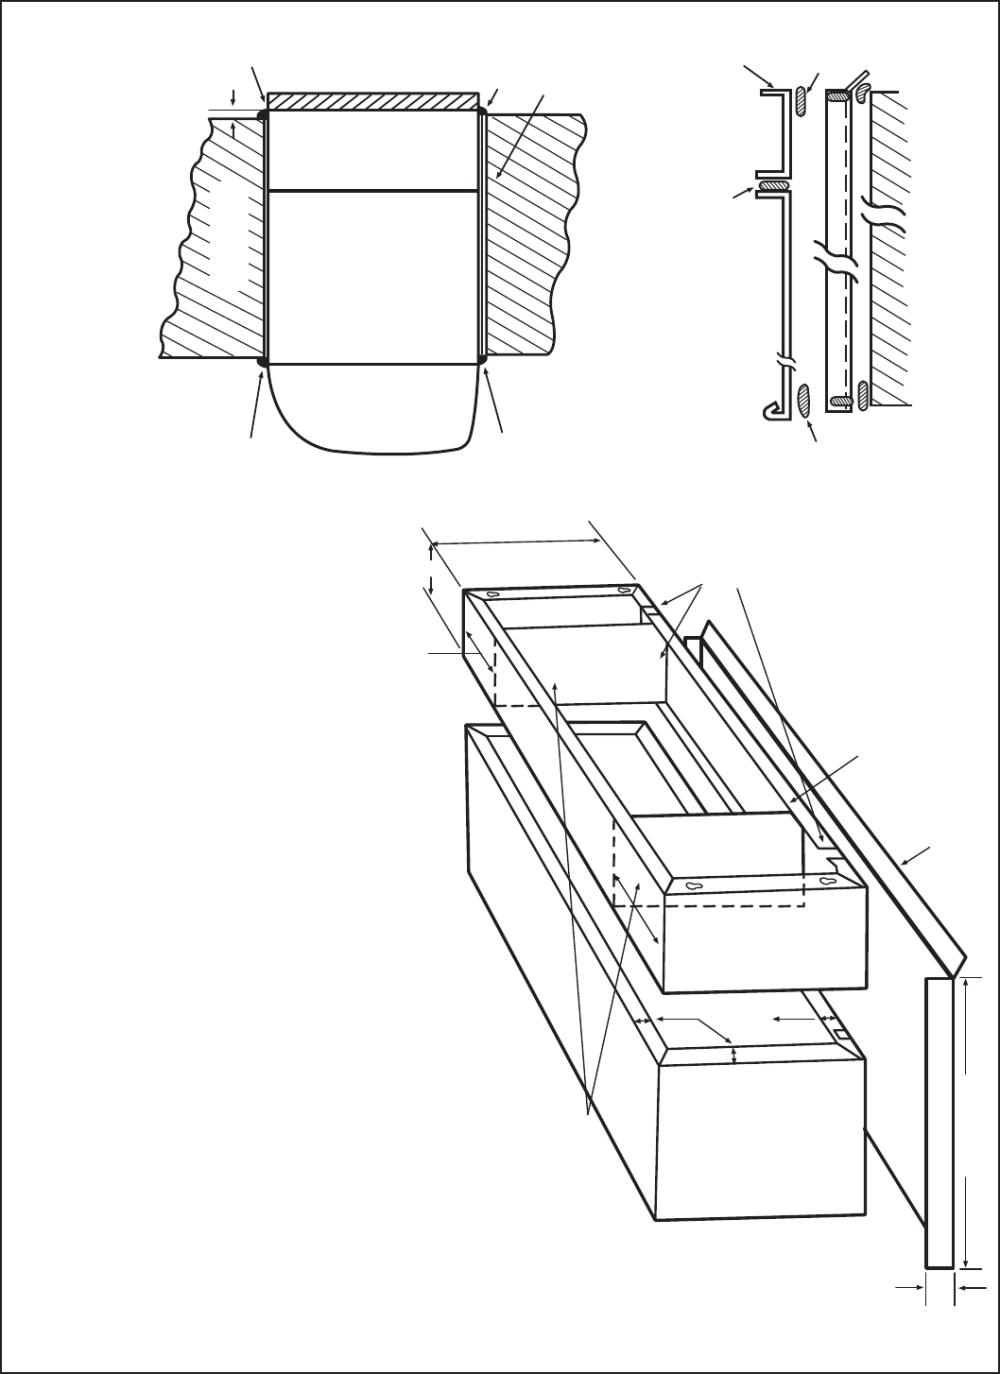 medium resolution of ge zoneline wiring diagram wiring diagram ebookge zoneline wiring diagram basic electronics wiring diagramge zoneline wiring